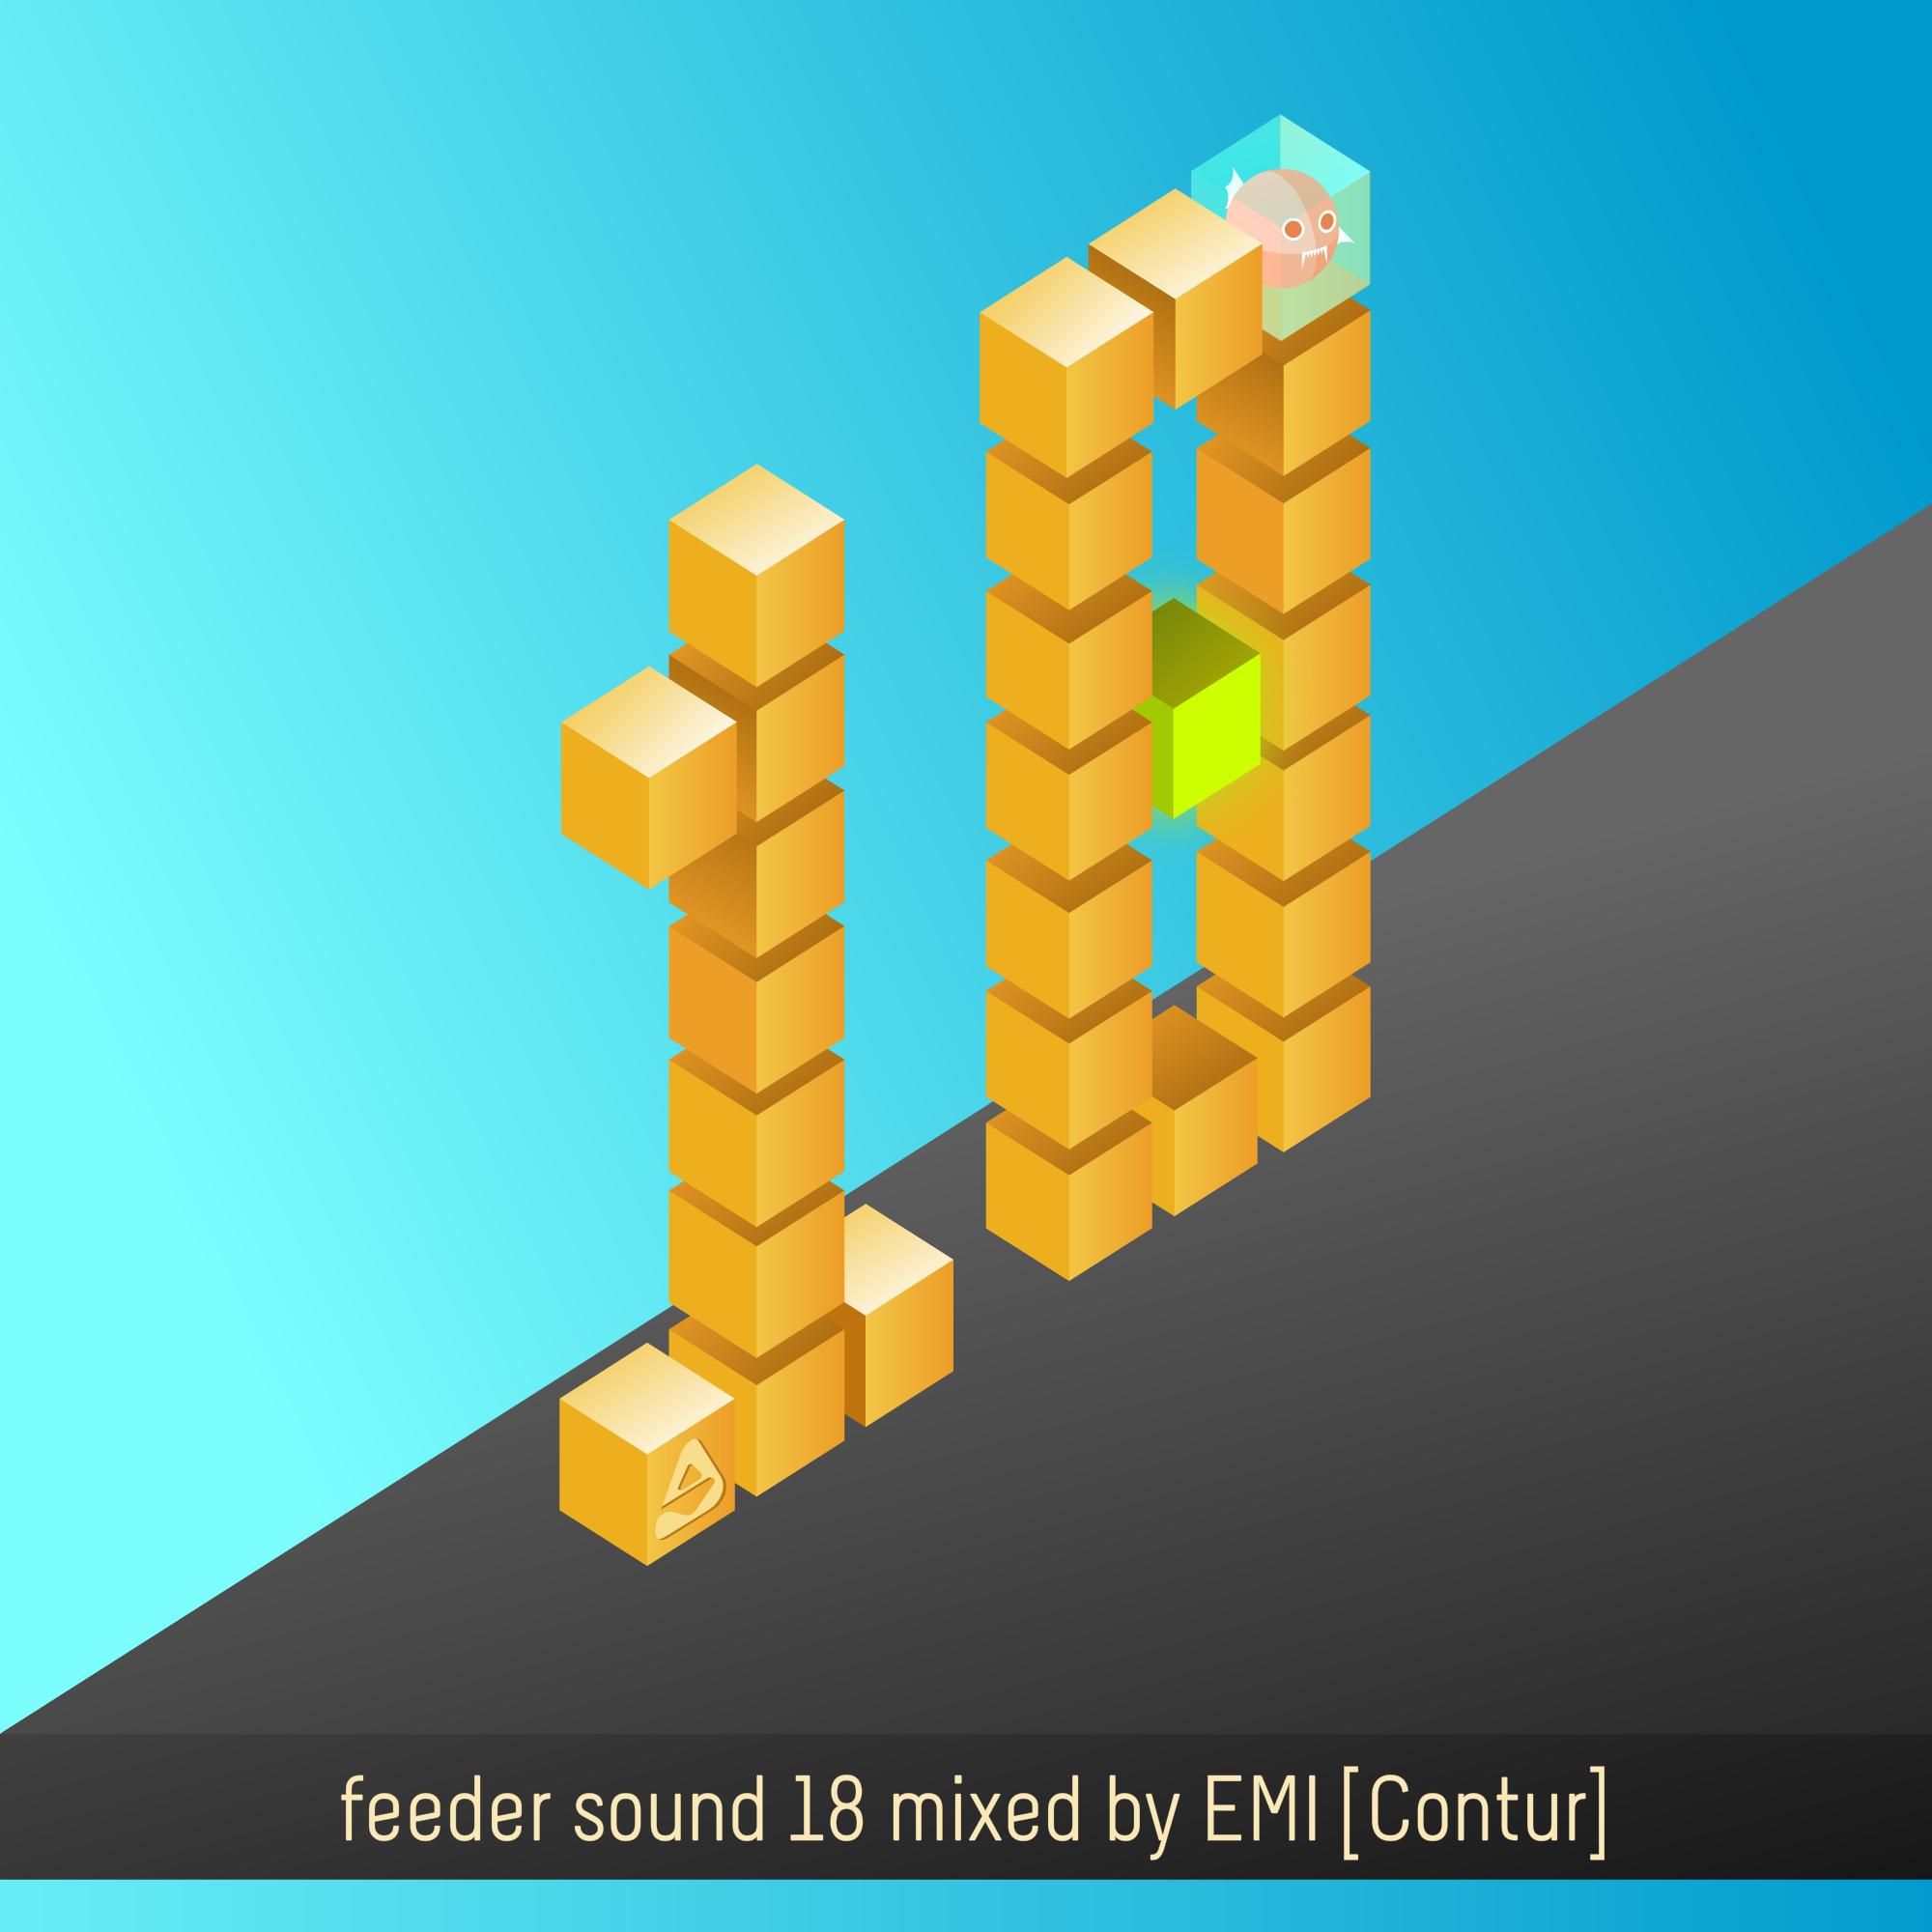 feeder sound 18 mixed by Emi [Contur]